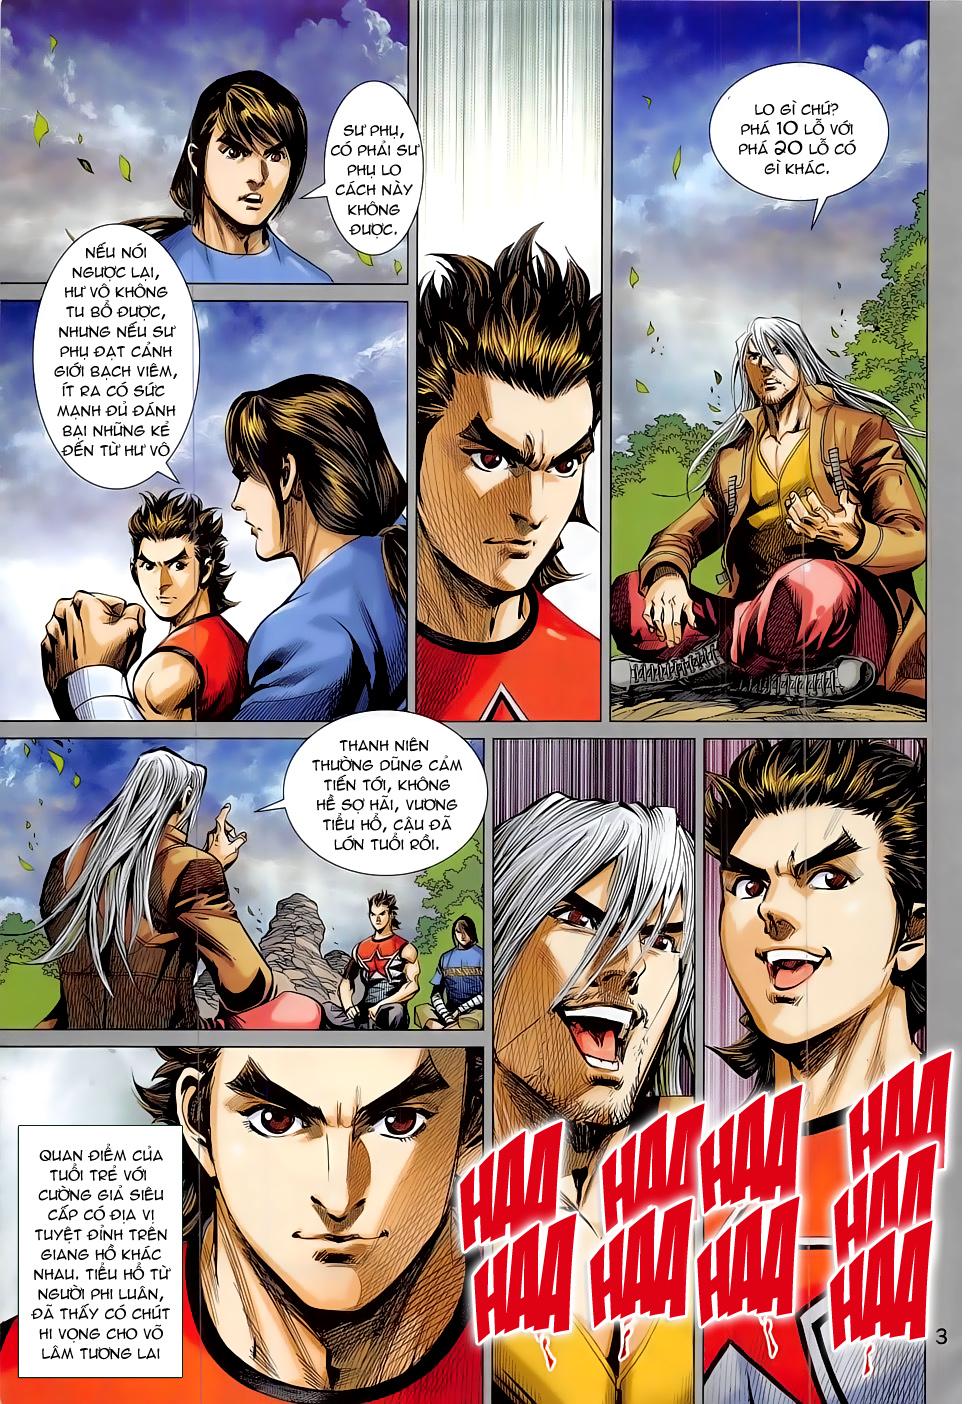 Đông Phương Chân Long chap 64 - Trang 3